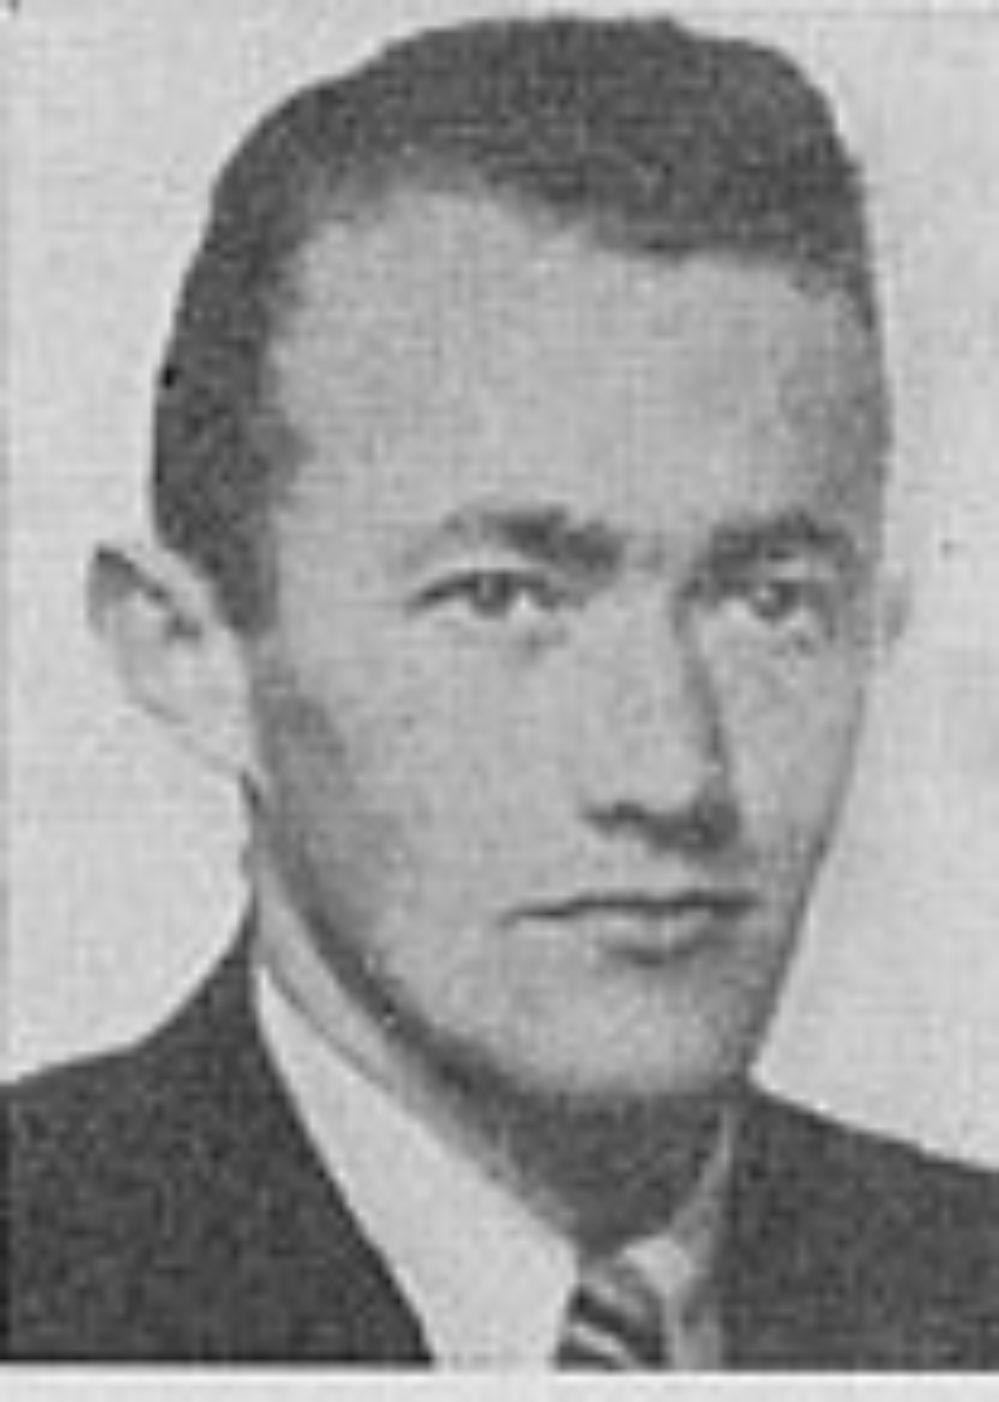 Einar Leonhard Enoksen